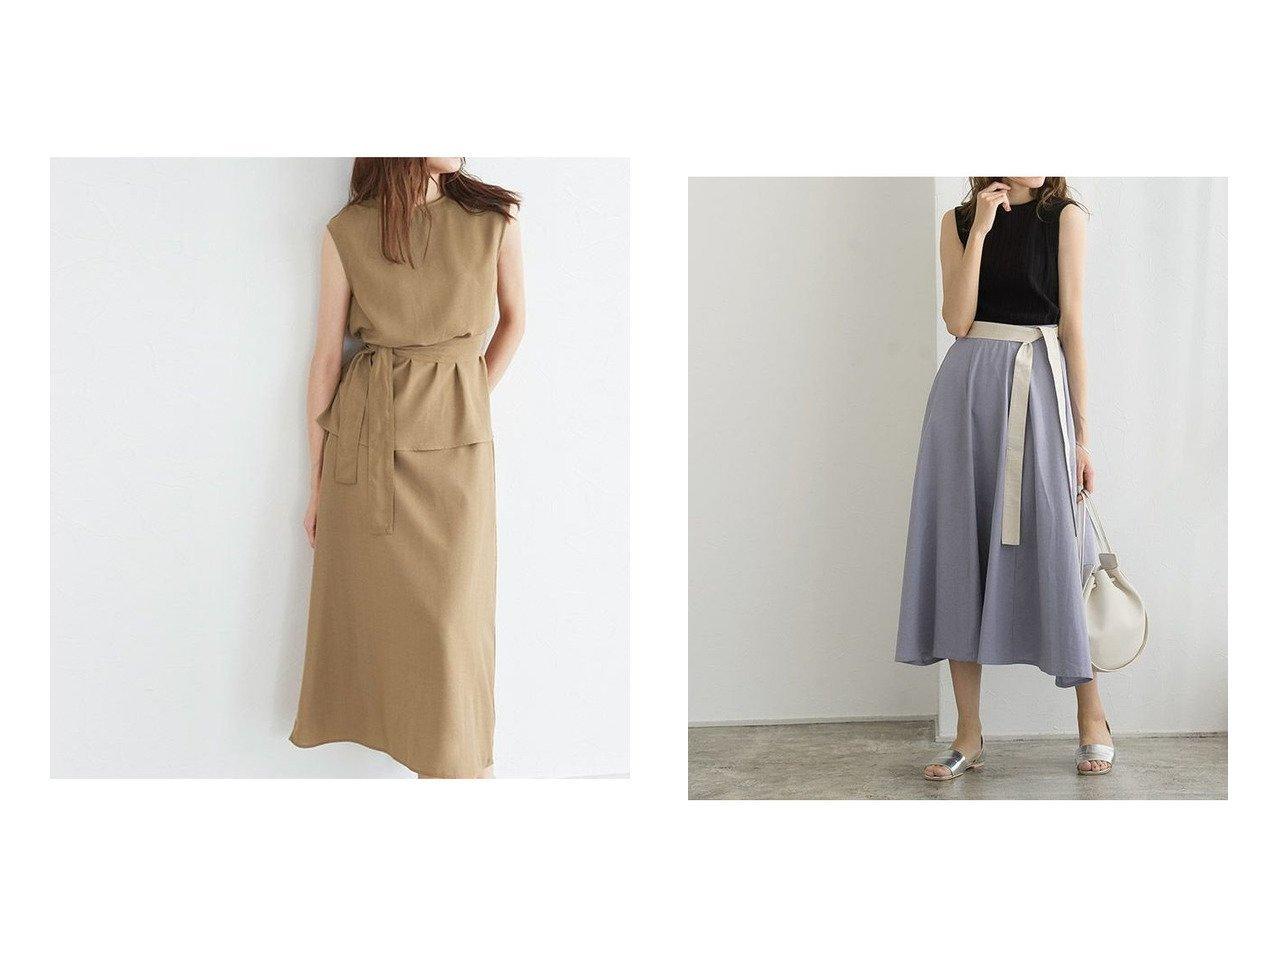 【Pierrot/ピエロ】のウエストマークスカートセットアップ&麻混配色ベルトフレアスカート おすすめ!人気!プチプライスで上品なファッションアイテムの通販  おすすめで人気の流行・トレンド、ファッションの通販商品 メンズファッション・キッズファッション・インテリア・家具・レディースファッション・服の通販 founy(ファニー) https://founy.com/ ファッション Fashion レディースファッション WOMEN セットアップ Setup スカート Skirt スカート Skirt Aライン/フレアスカート Flared A-Line Skirts ベルト Belts セットアップ フレア プチプライス・低価格 Affordable |ID:crp329100000021225